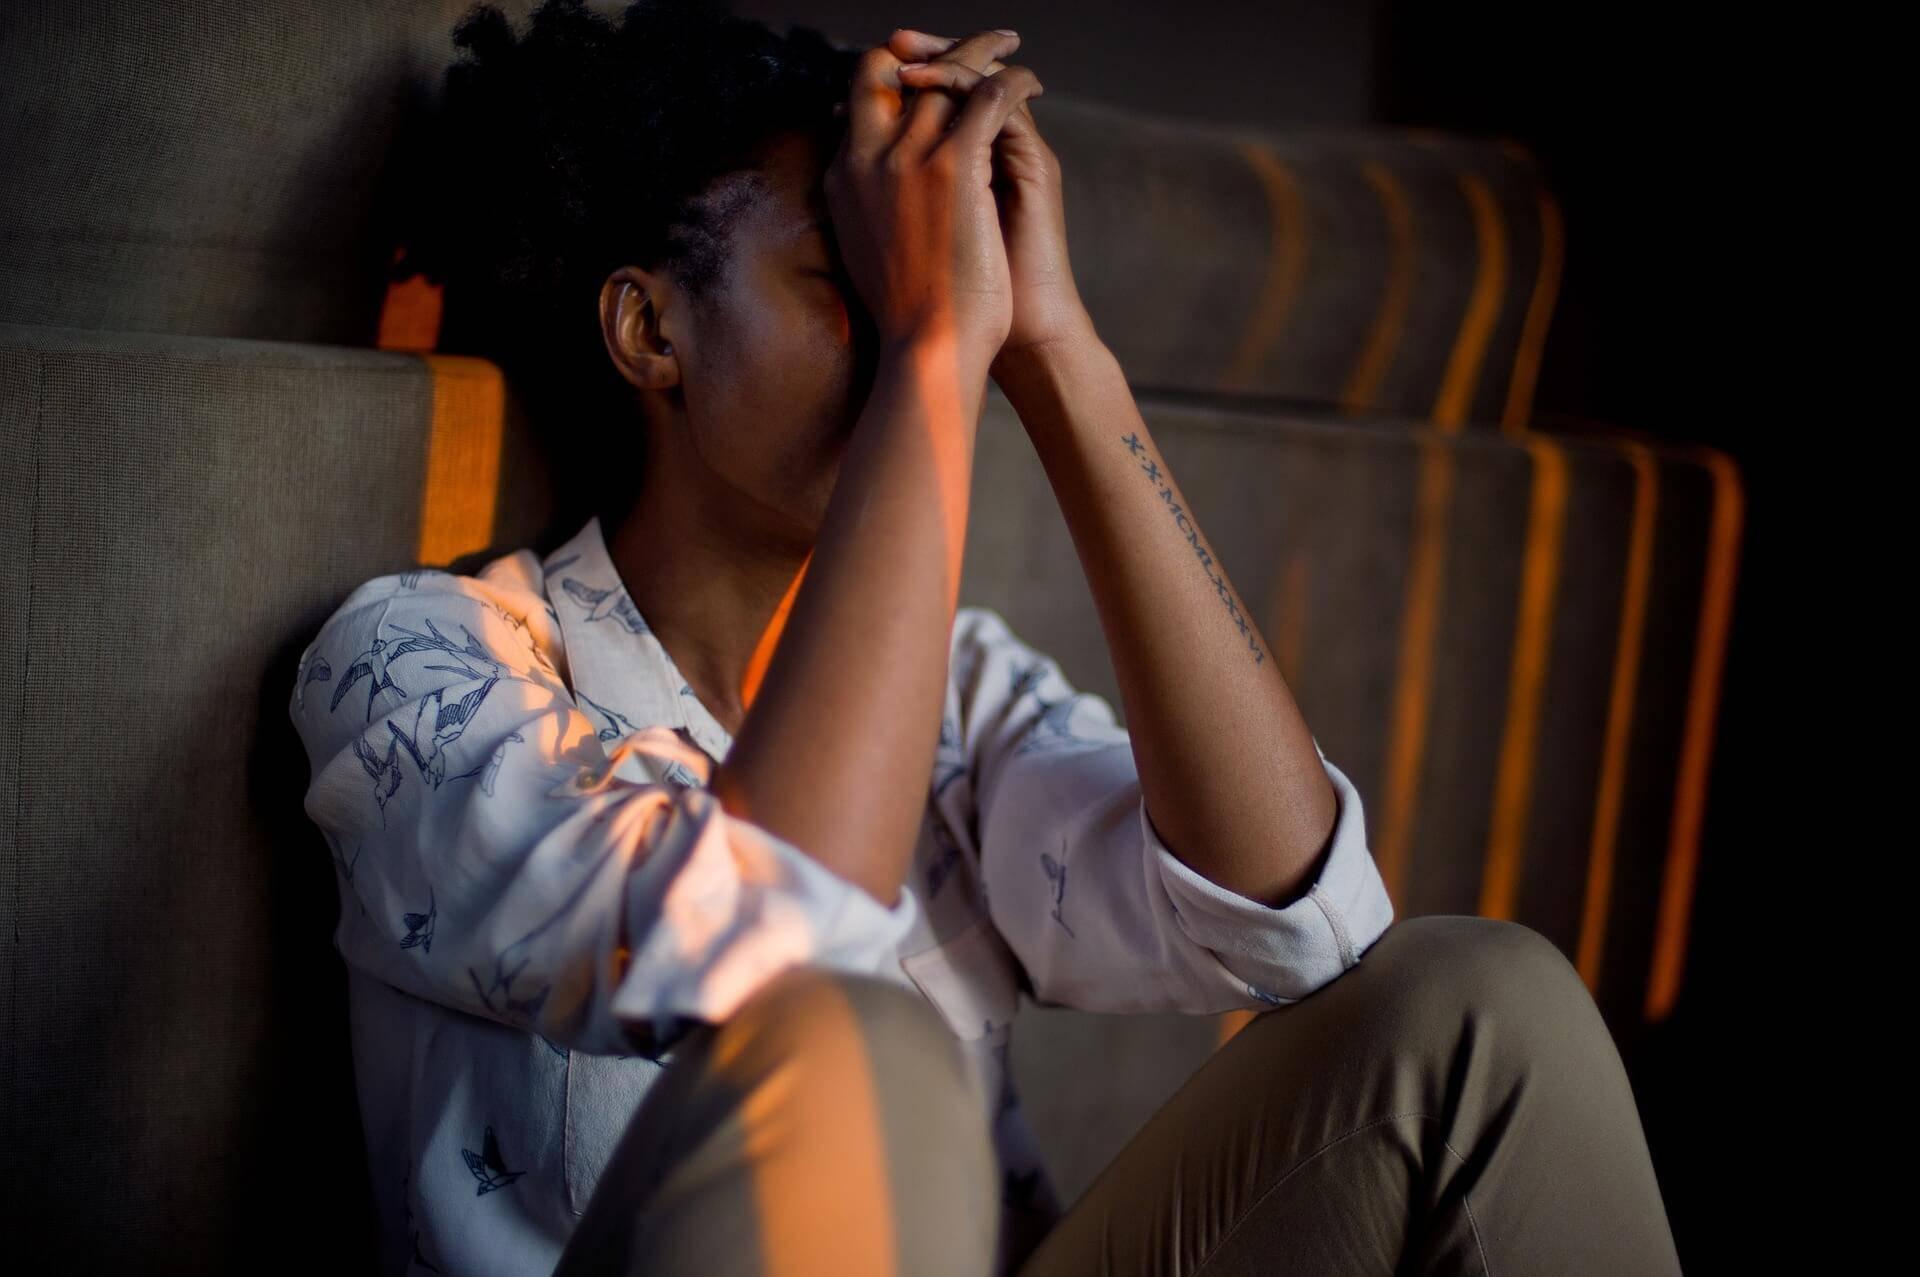 Forskarna har studerat orsaker till utbrändhet och funnit att det är av yttersta vikt att man blir väl mottagen när man träder in i yrkeslivet.